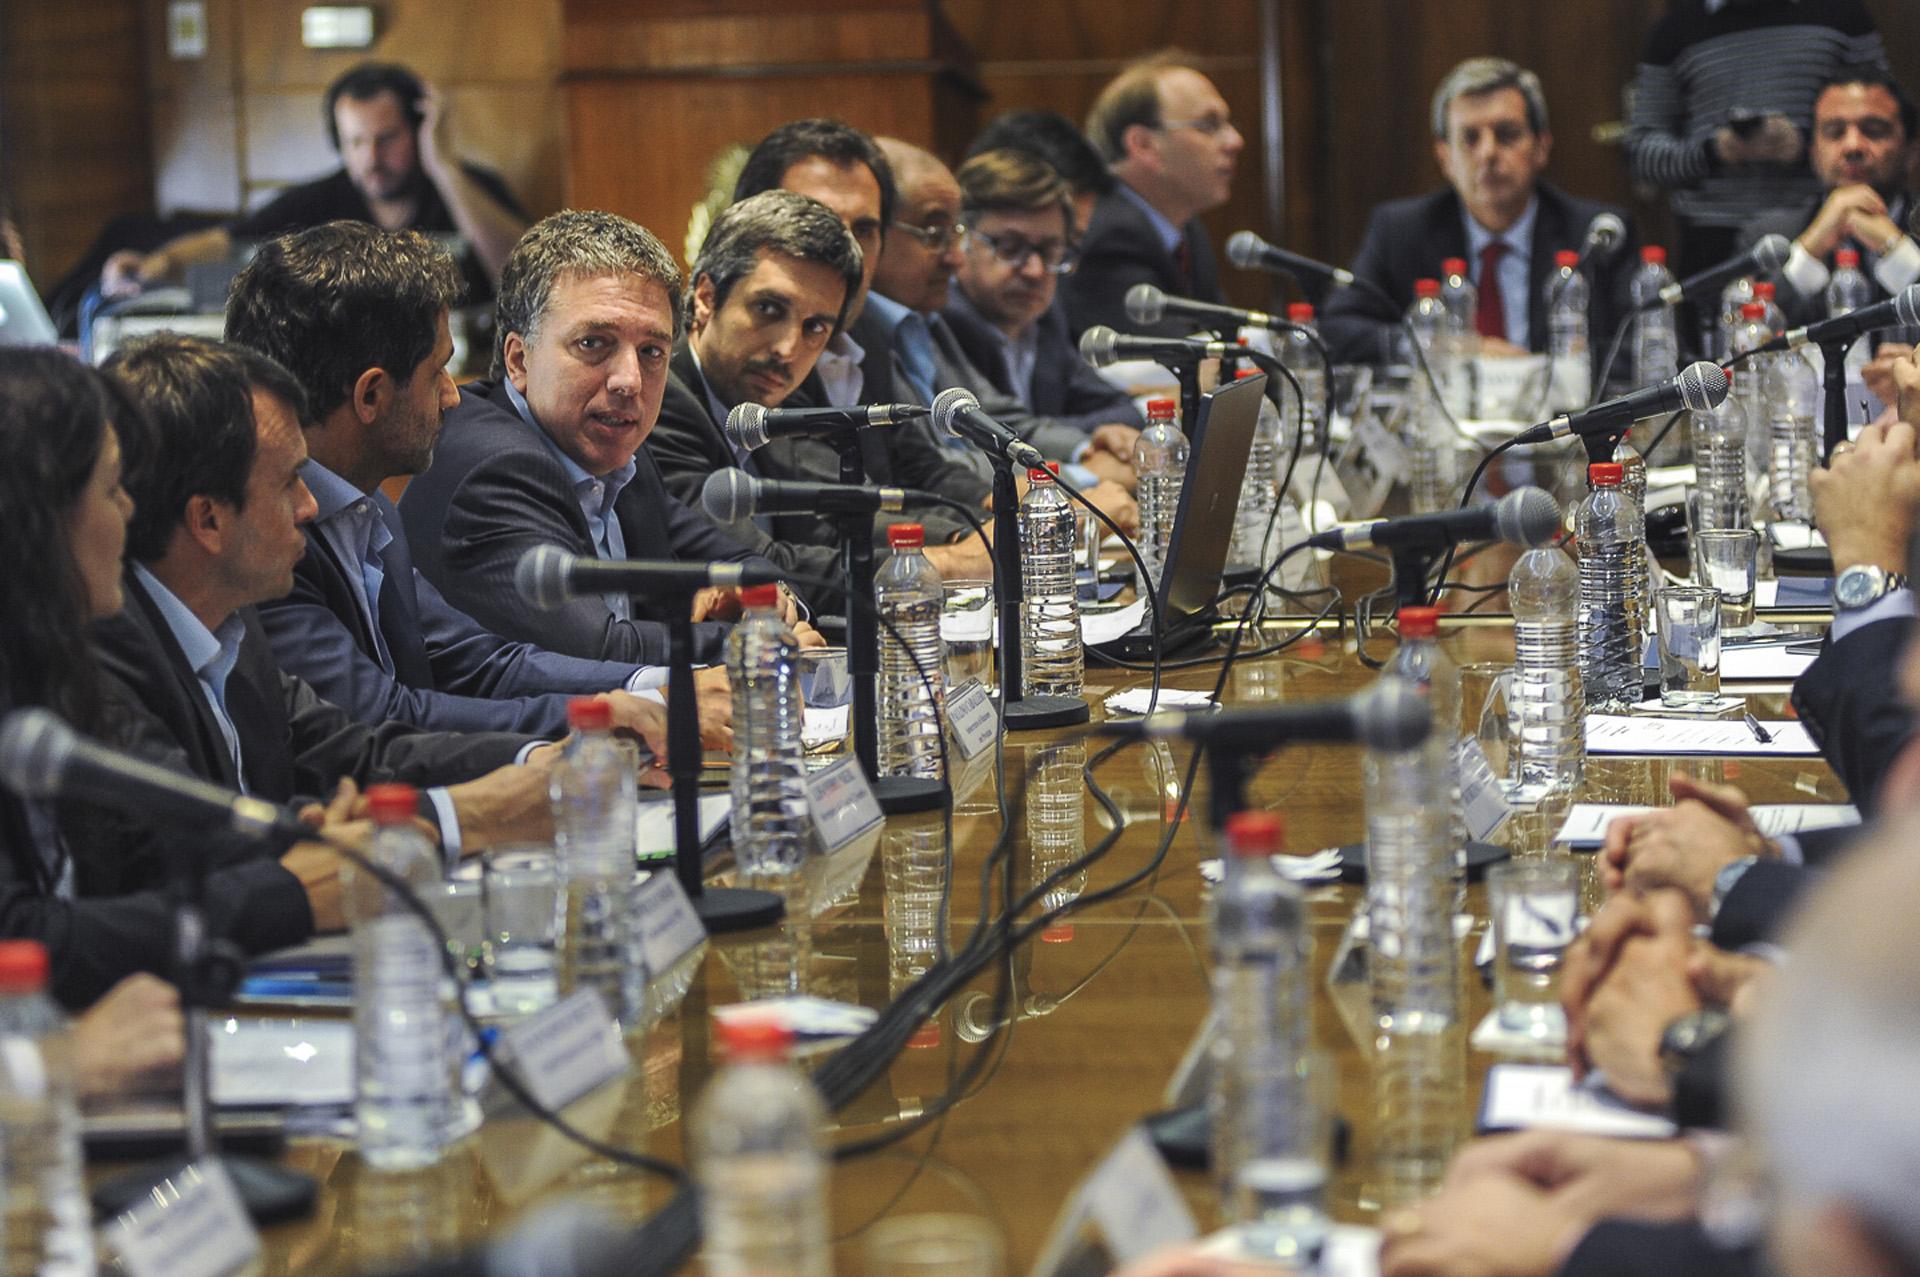 El ministro de Hacienda, Nicolás Dujovne, y sus pares provinciales llegaron hoy a un acuerdo para enviar al Congreso de la Nación un nuevo proyecto de Ley de Responsabilidad Fiscal